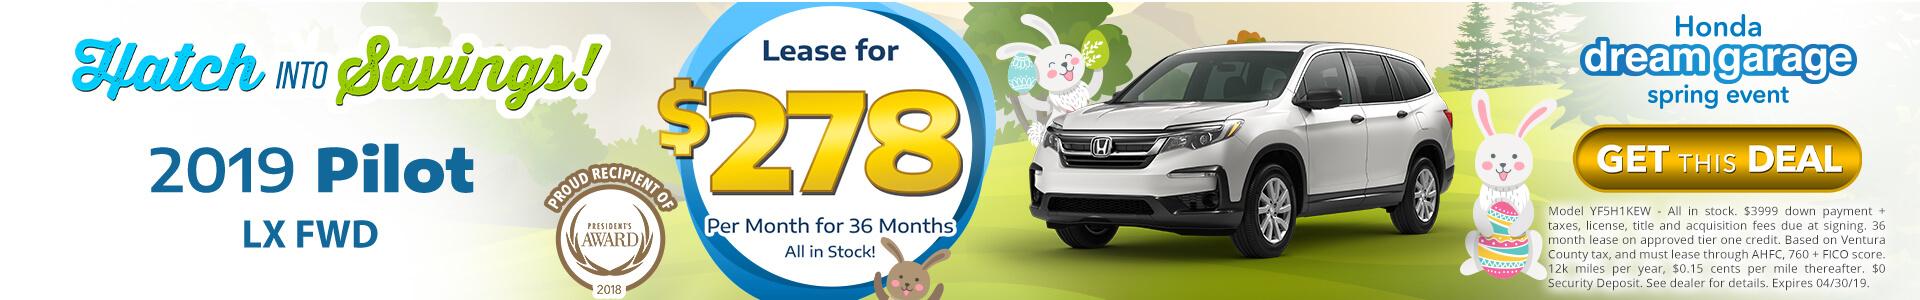 Honda Pilot $278 Lease